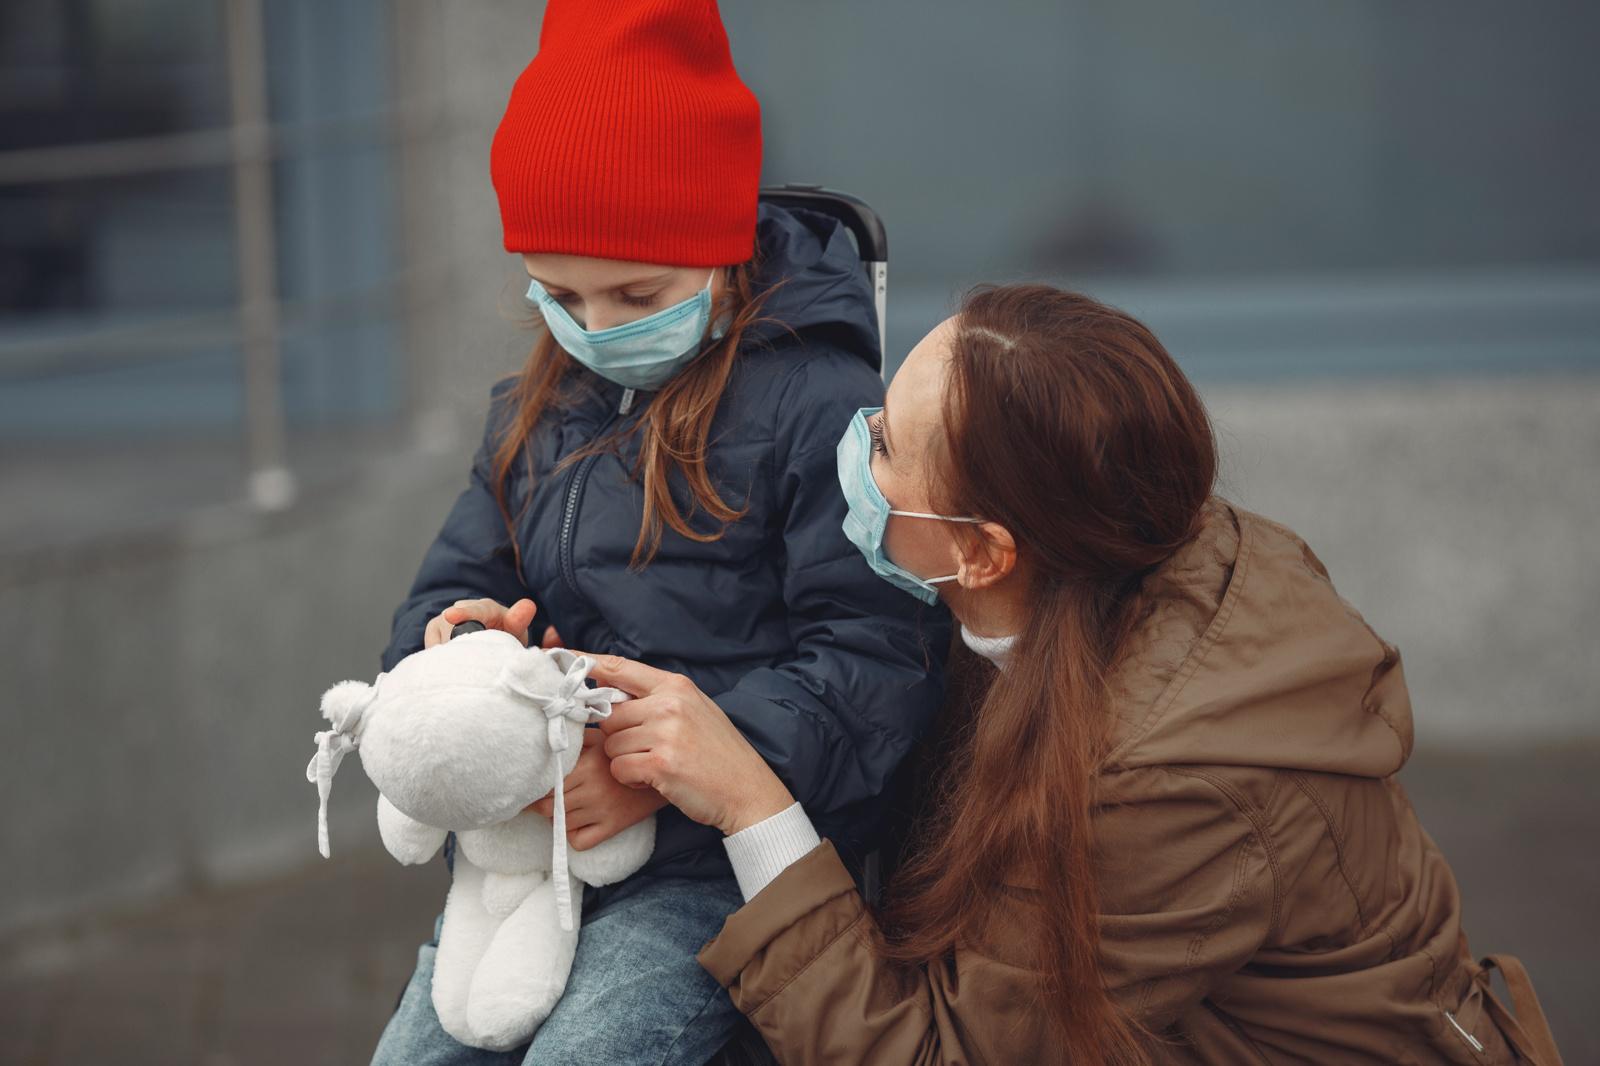 Ragina tėvus suplanuoti,  kas kritiniu atveju pasirūpintų jų vaikais